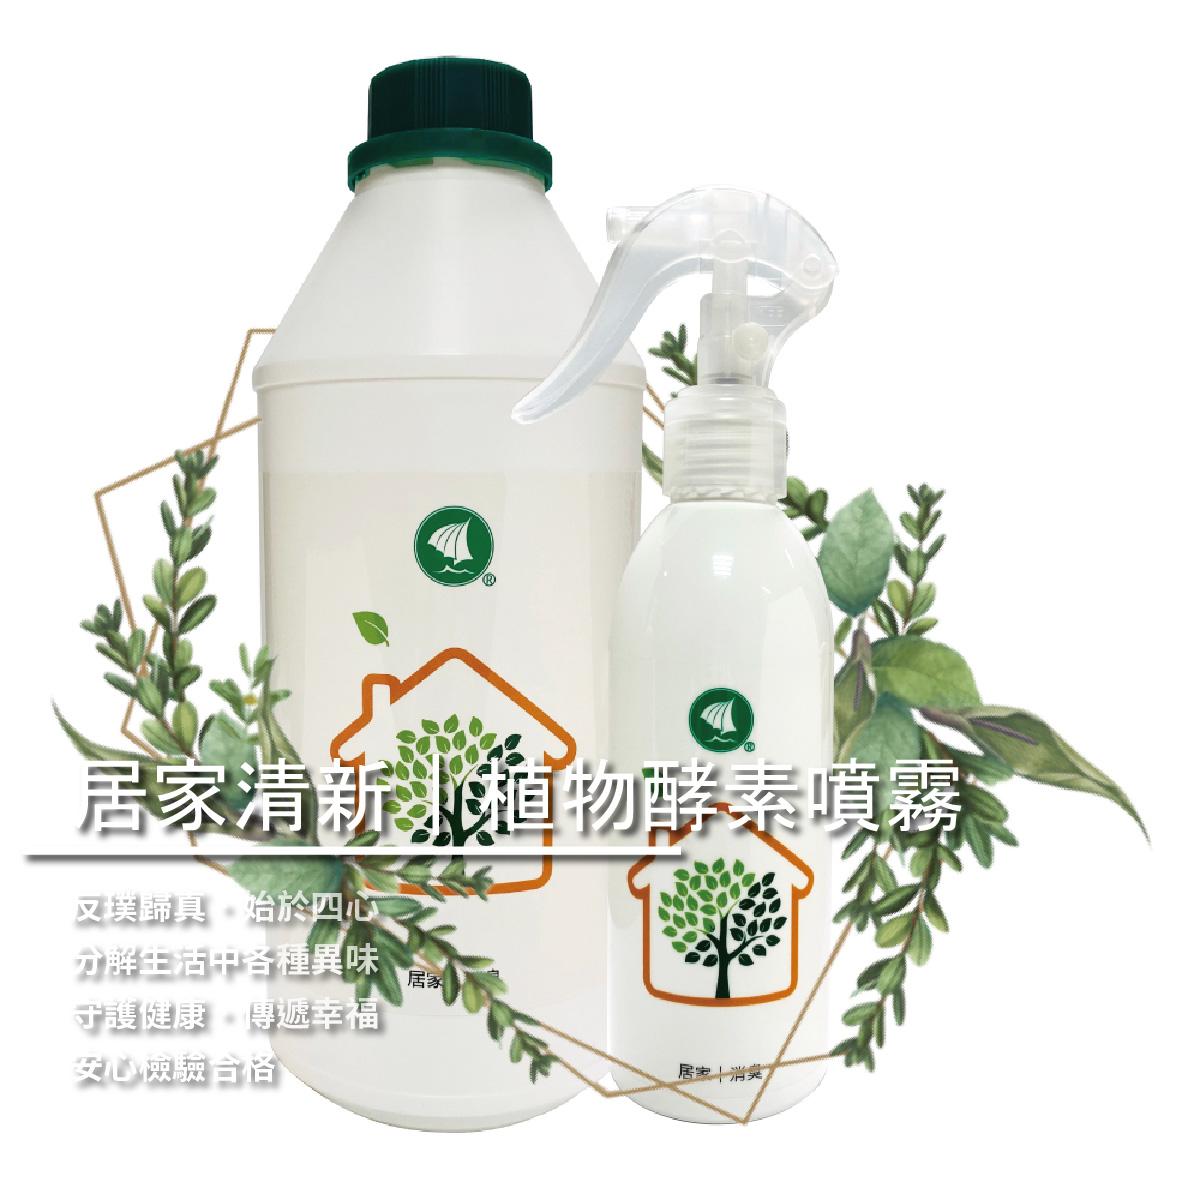 【璞之味植物酵素噴霧】補充組|居家清新|植物酵素噴霧(200ml/瓶+1000ml/瓶)★獨家販售★